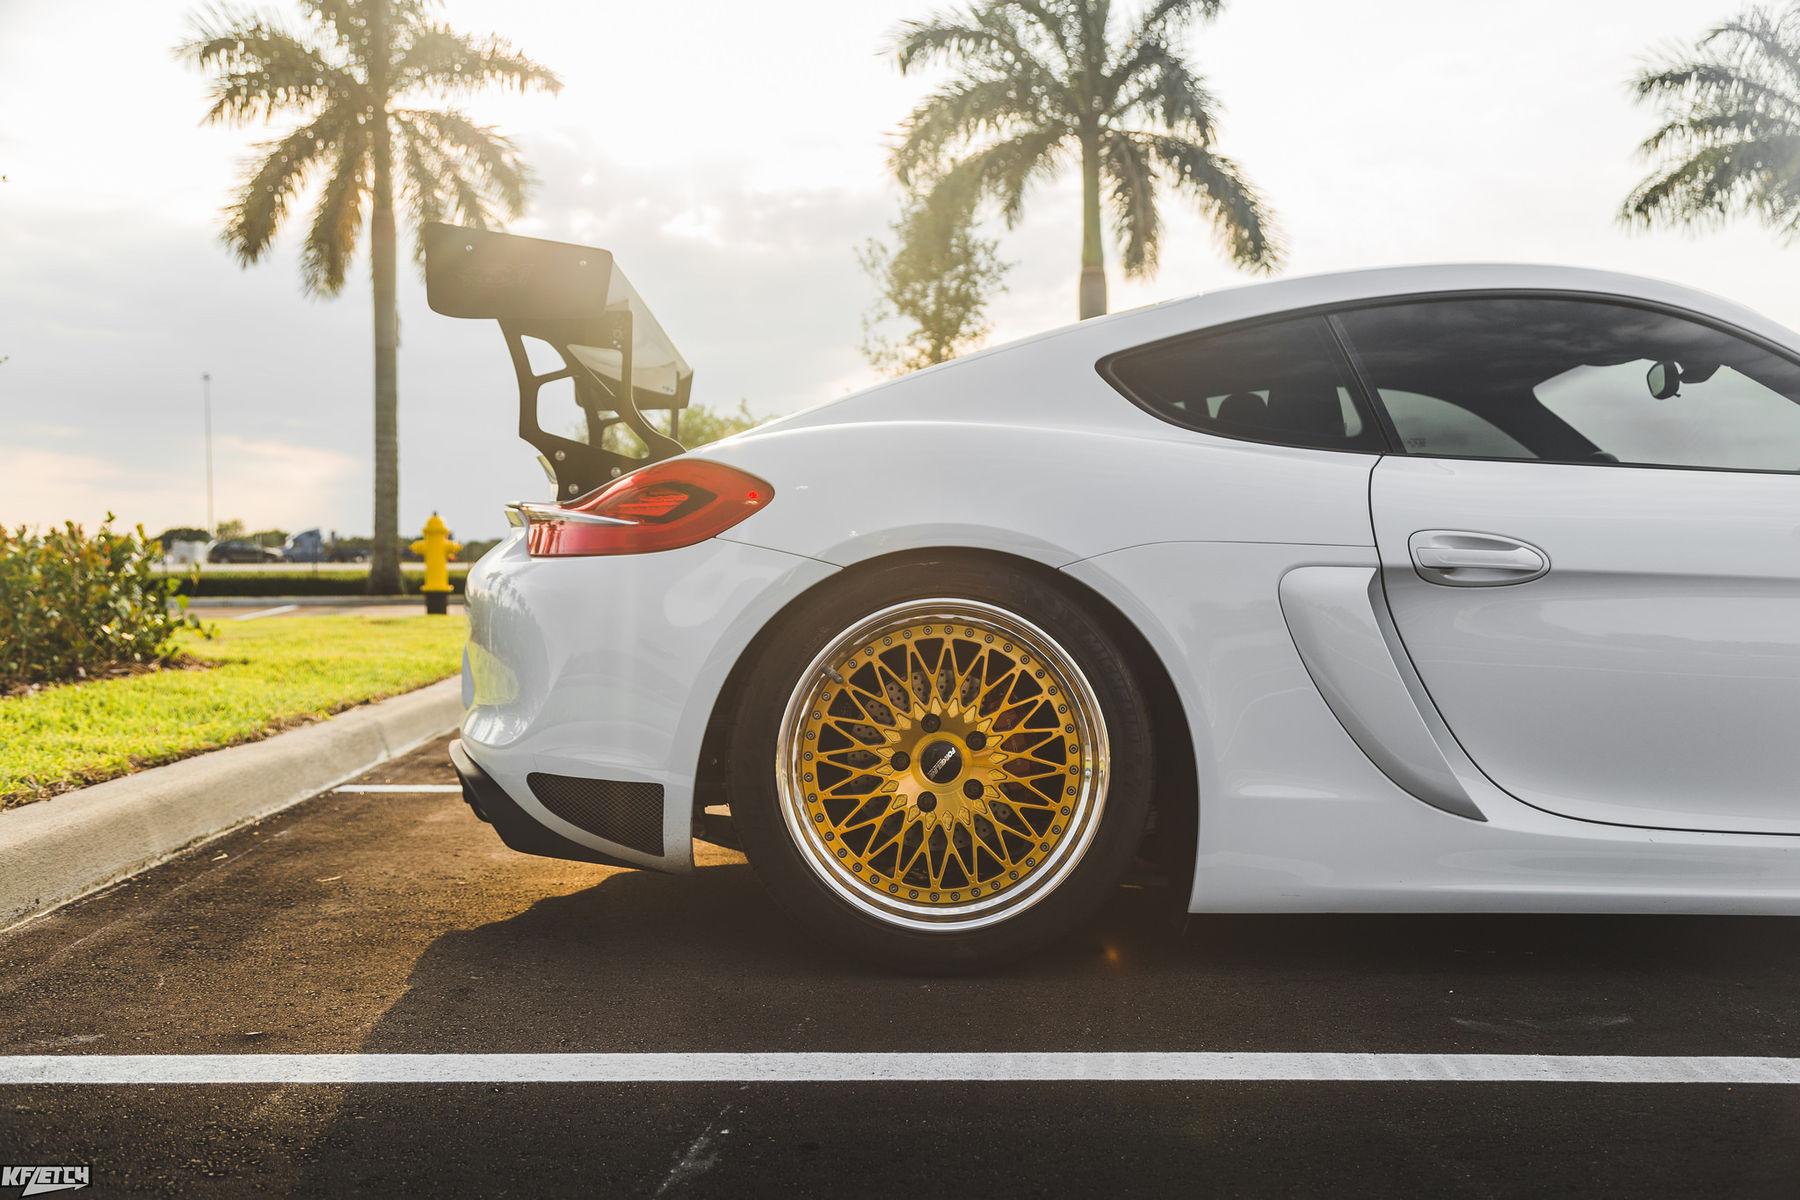 2016 Porsche Cayman S | Rennsport One's 981 Porsche Cayman S on Forgeline Heritage Series LS3 Wheels